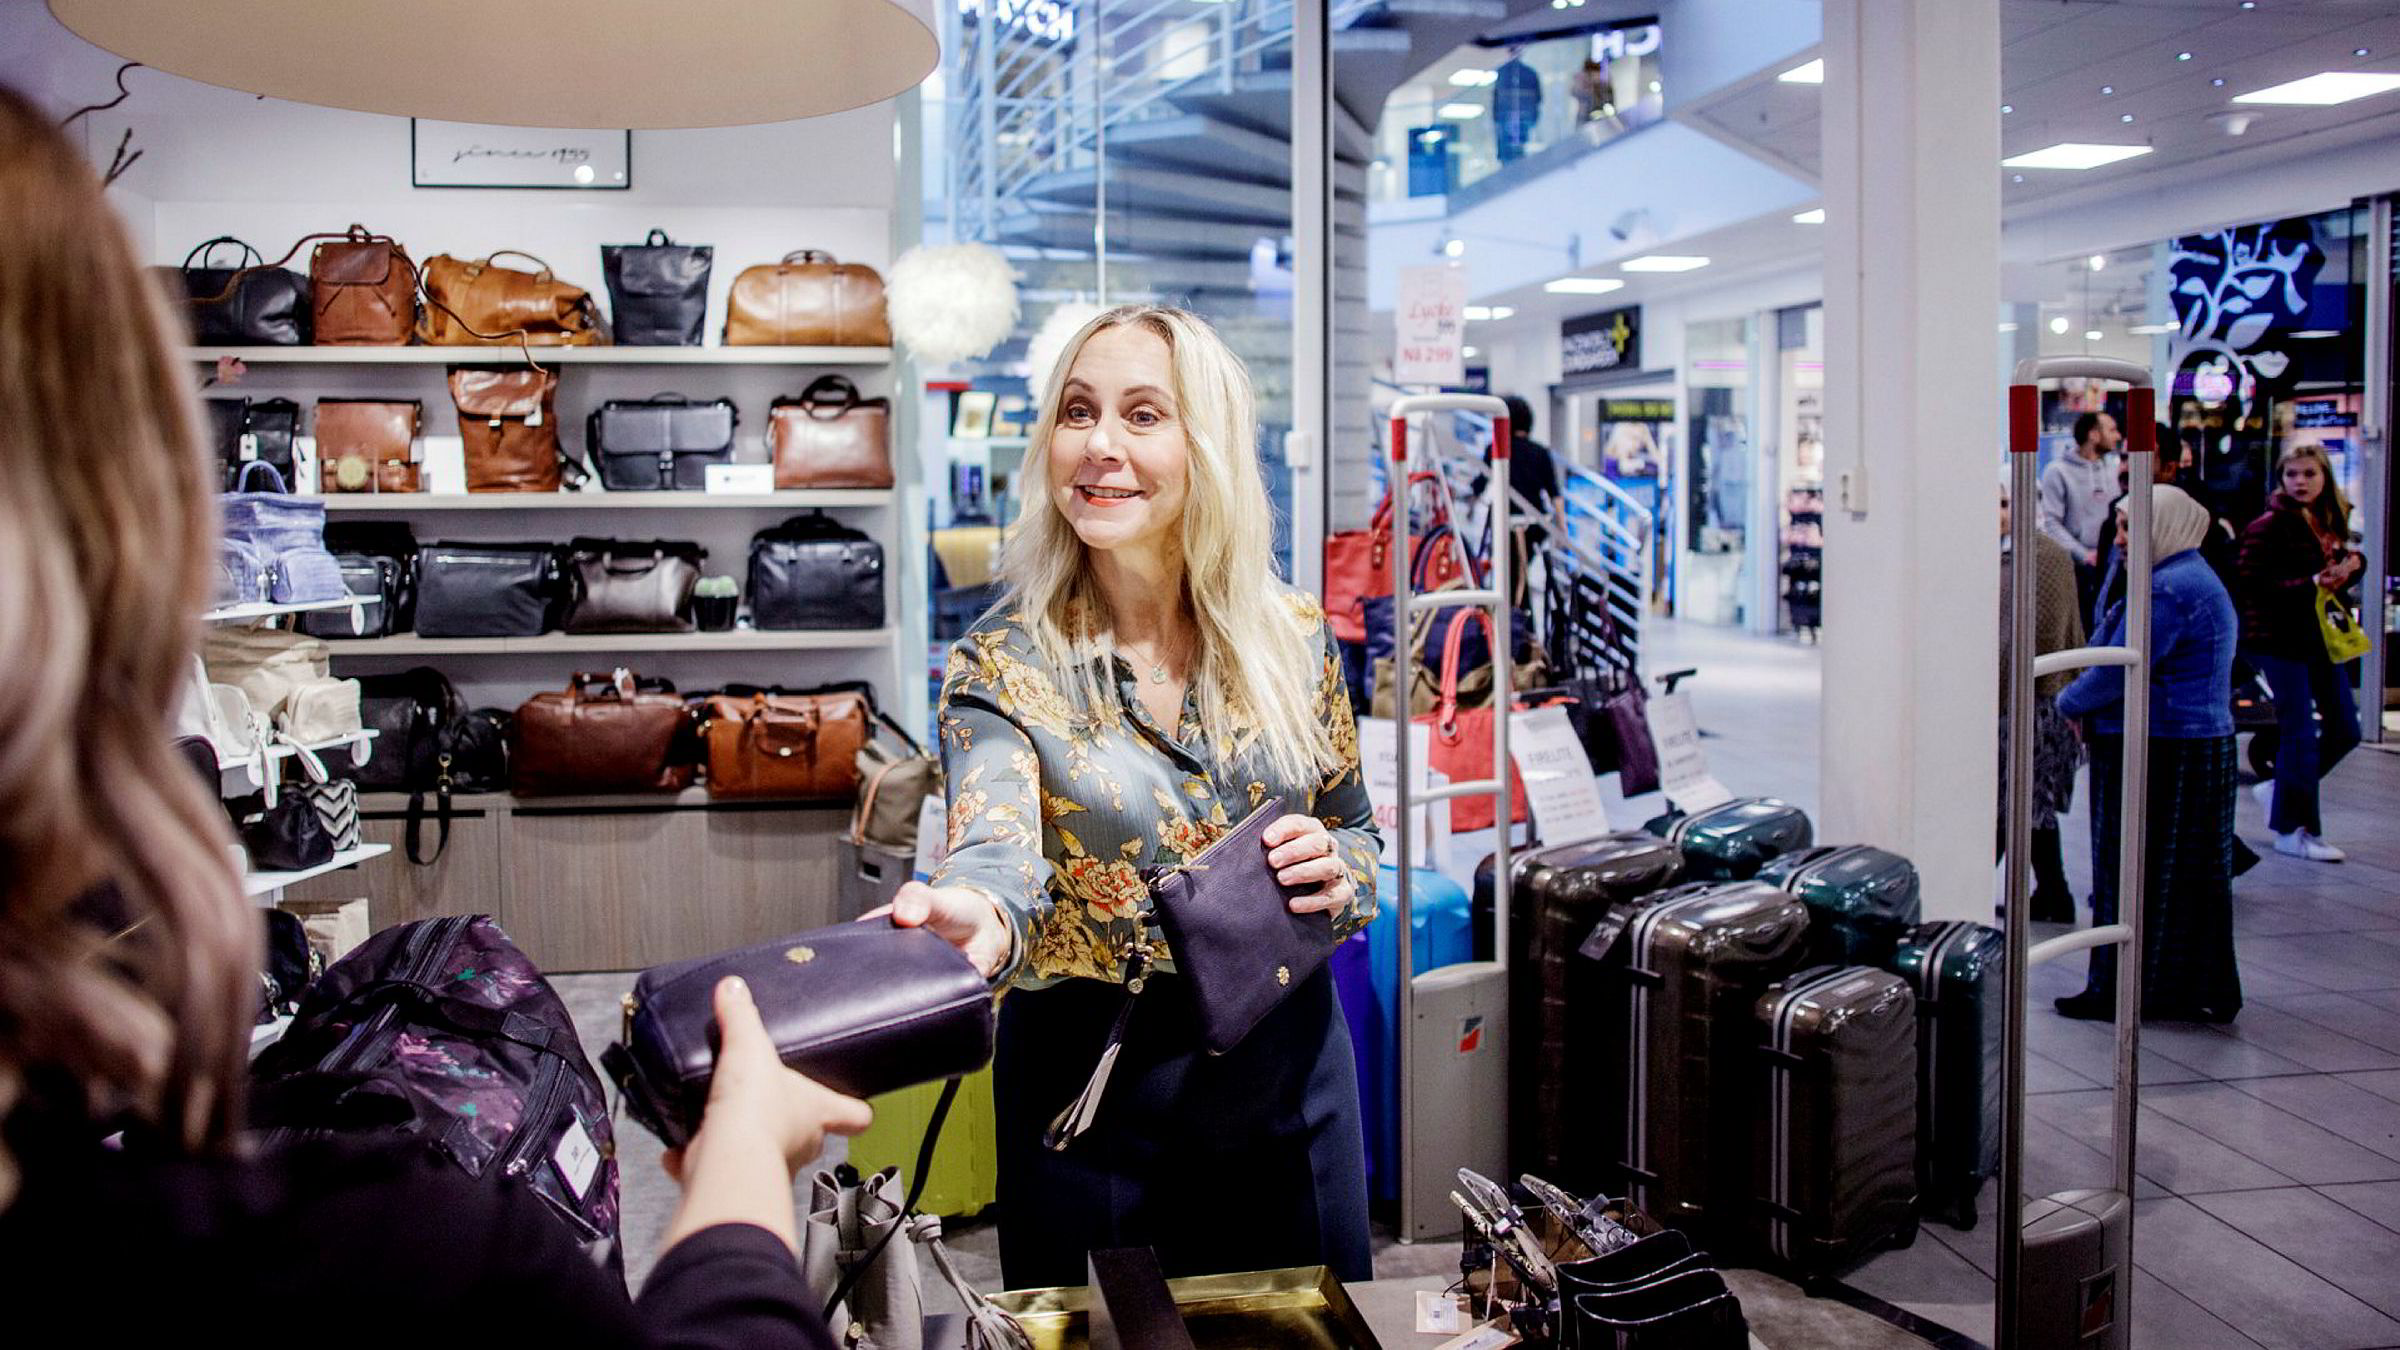 – I gjennomsnitt betaler våre kunder mellom 800 og 900 kroner for vesker, sier medeier og daglig leder Hanne Næss Kynningsrud i Næss Since 1955 as.